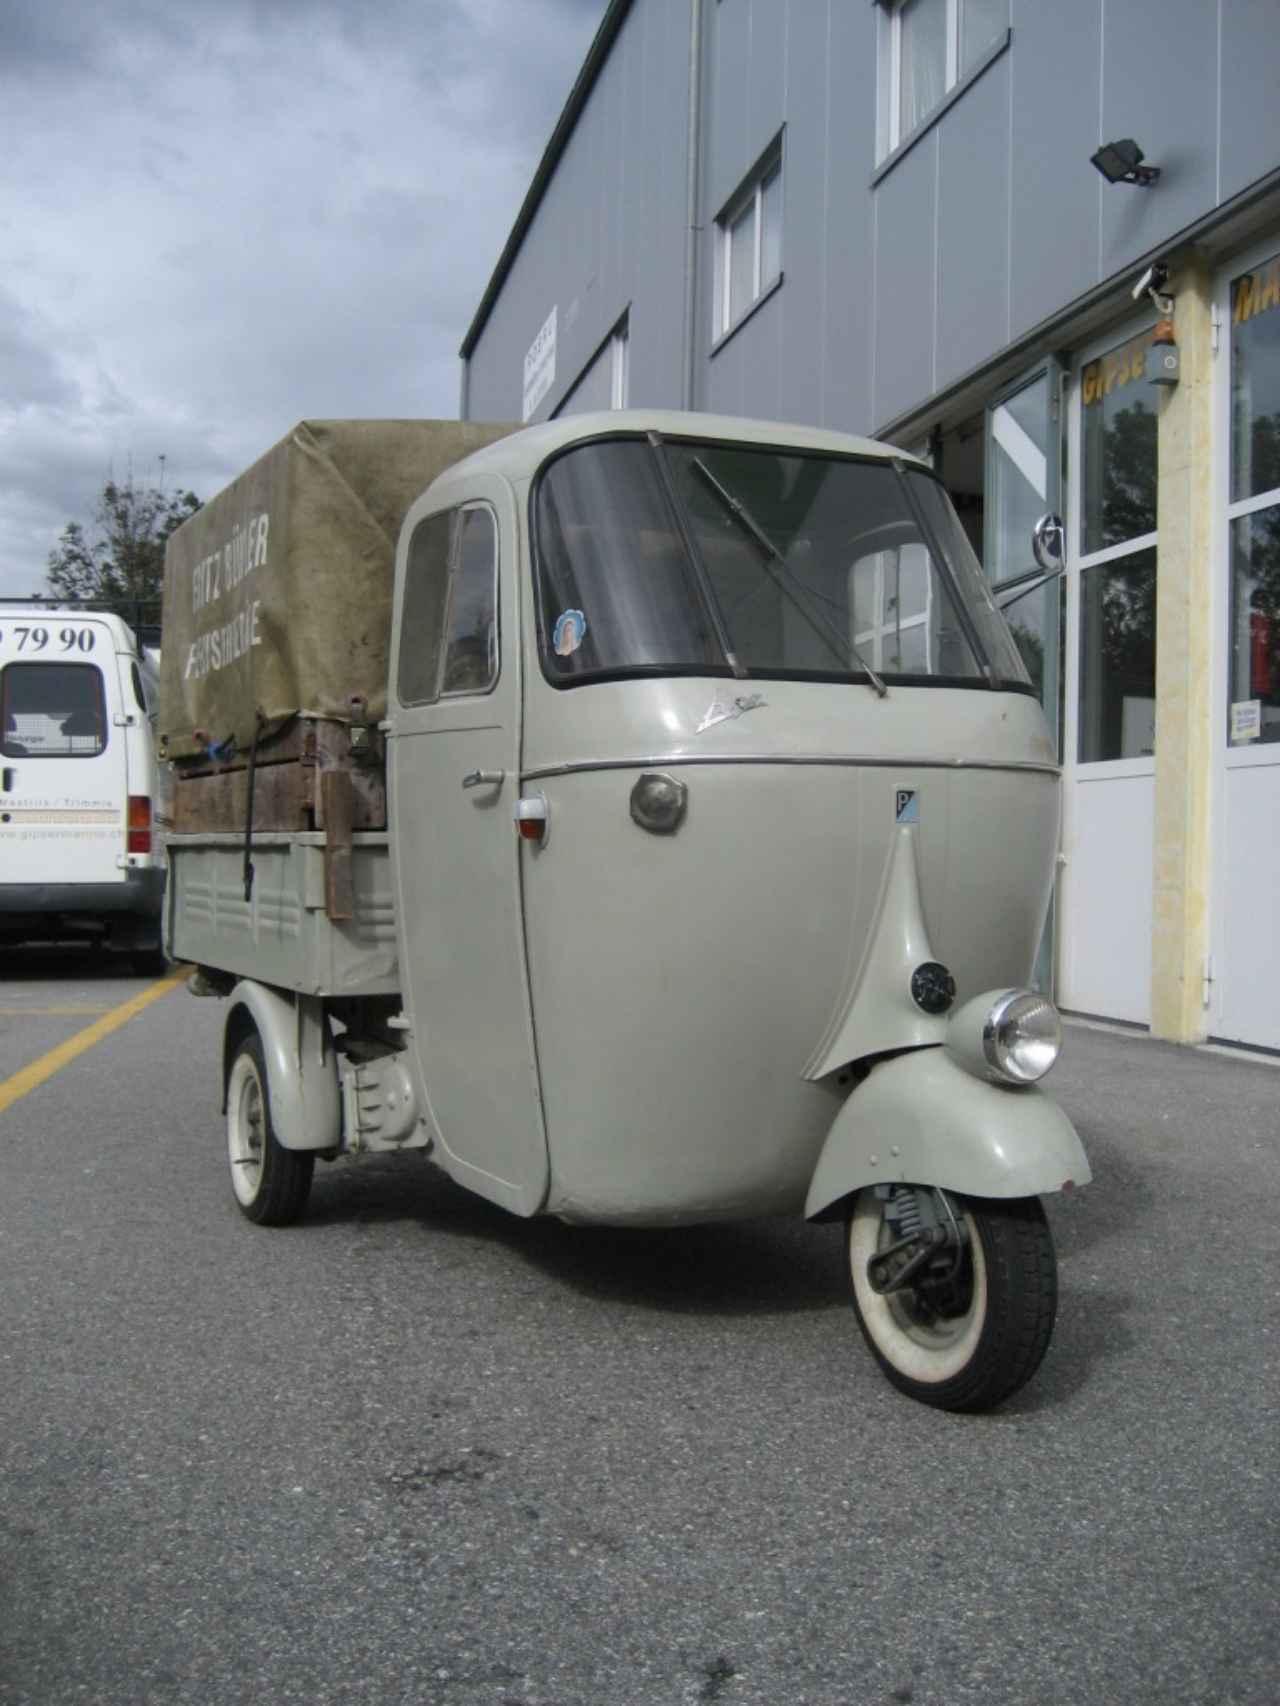 画像: こちらは1958年型のApe AC2T。2ストローク150cc単気筒エンジンを搭載。小さい力持ち・・・といったカンジのモデルで、結構な荷物を運べる能力を持っています。 www.rollerwelt.org